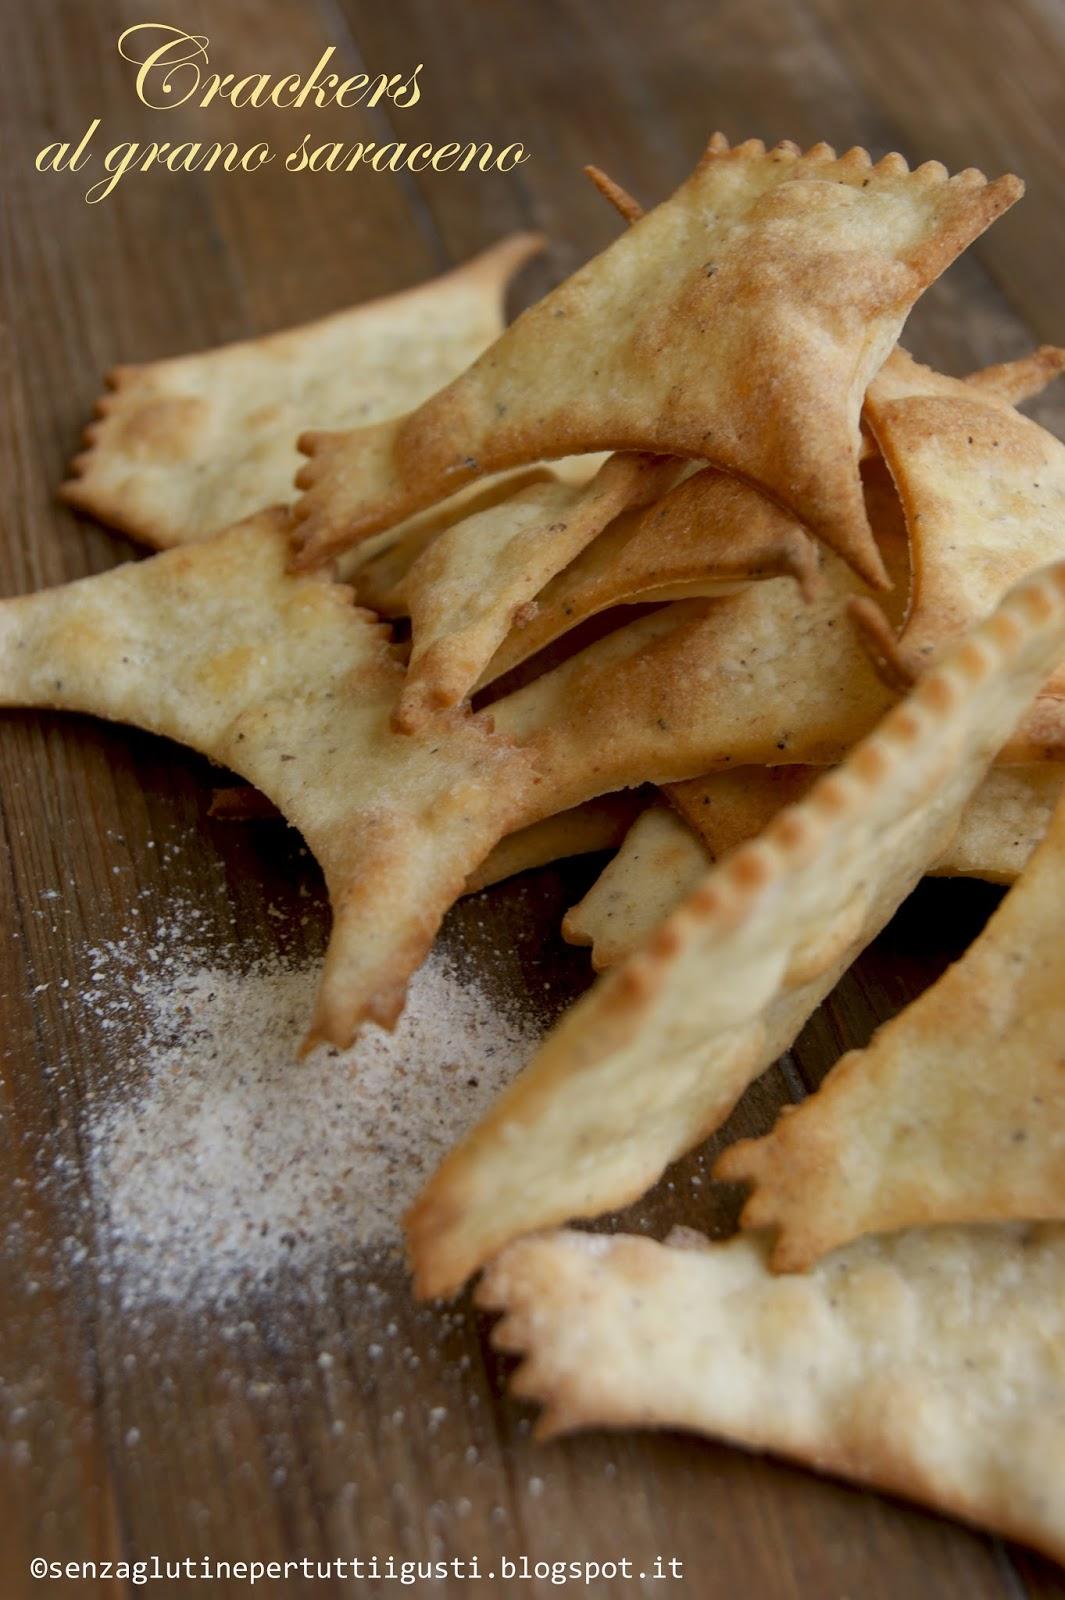 crackers senza glutine al grano saraceno per il 100% gluten free (fri)day